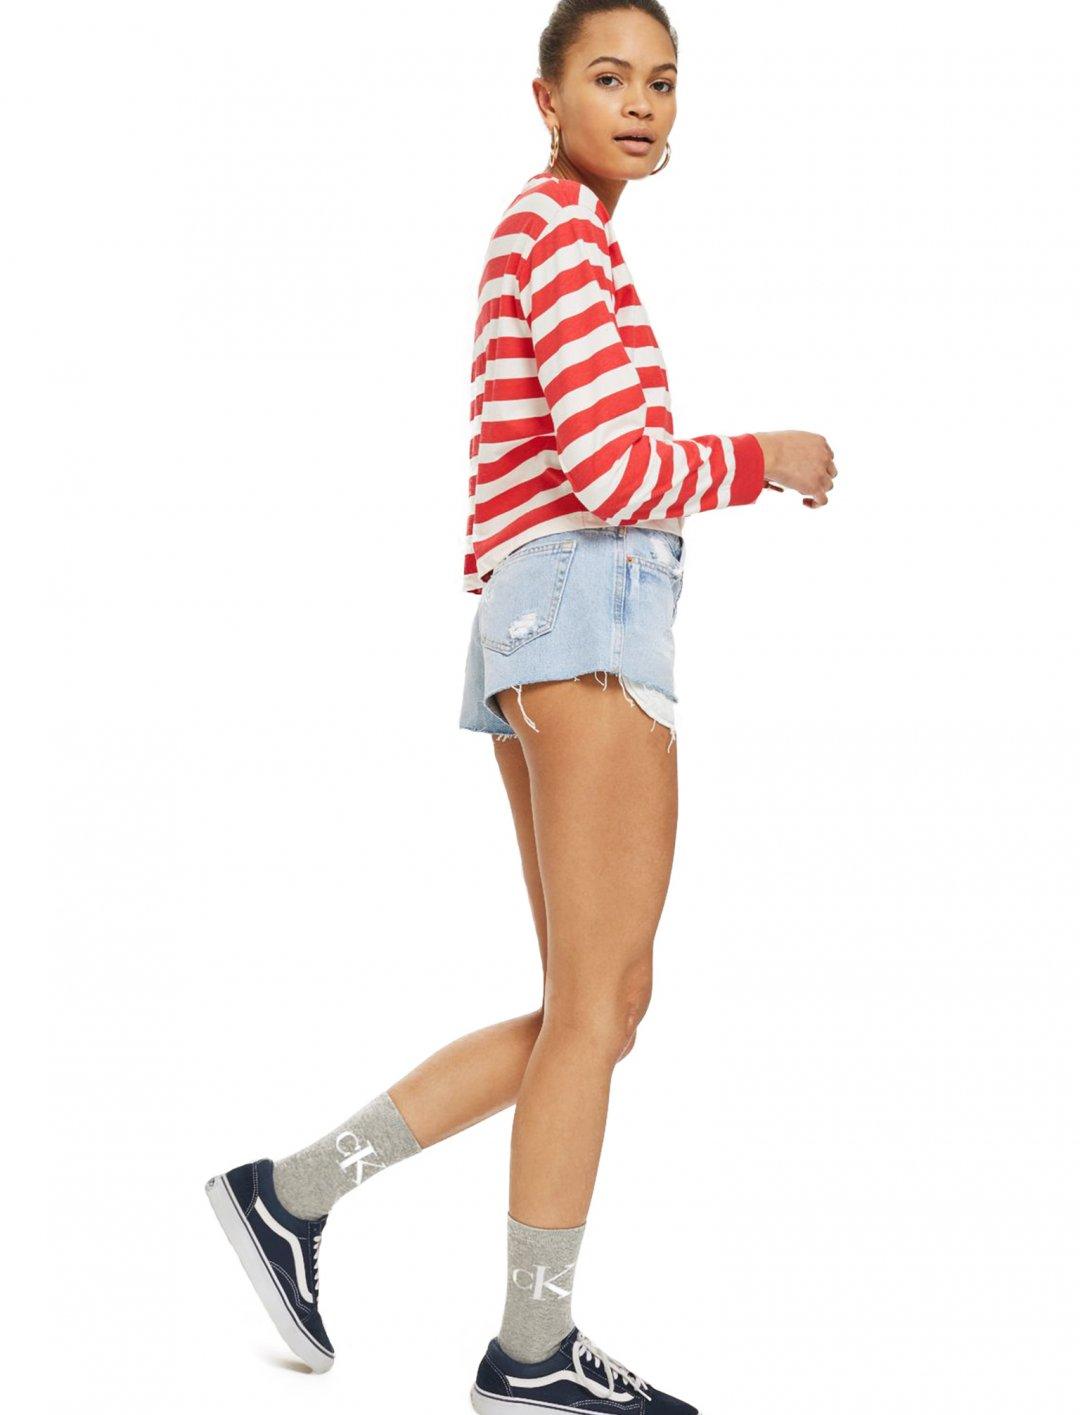 Moto Cory Authentic Shorts Clothing Moto